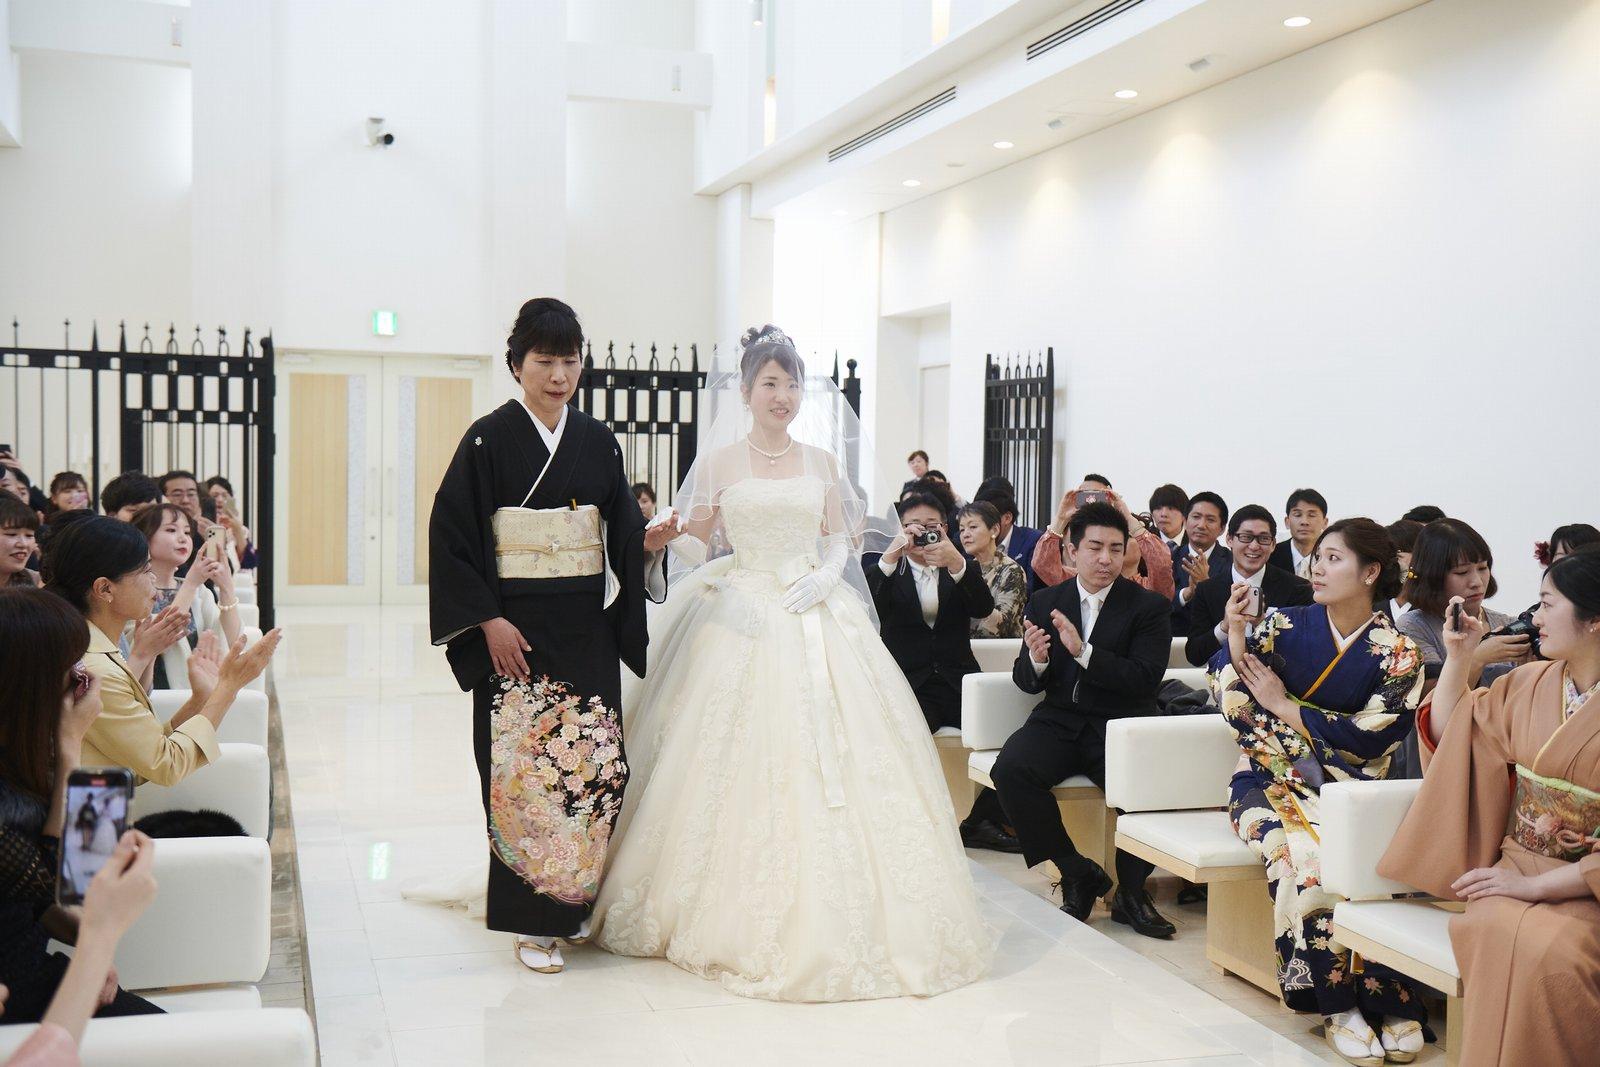 徳島市の結婚式場ブランアンジュでお母様と一緒に入場する新婦様